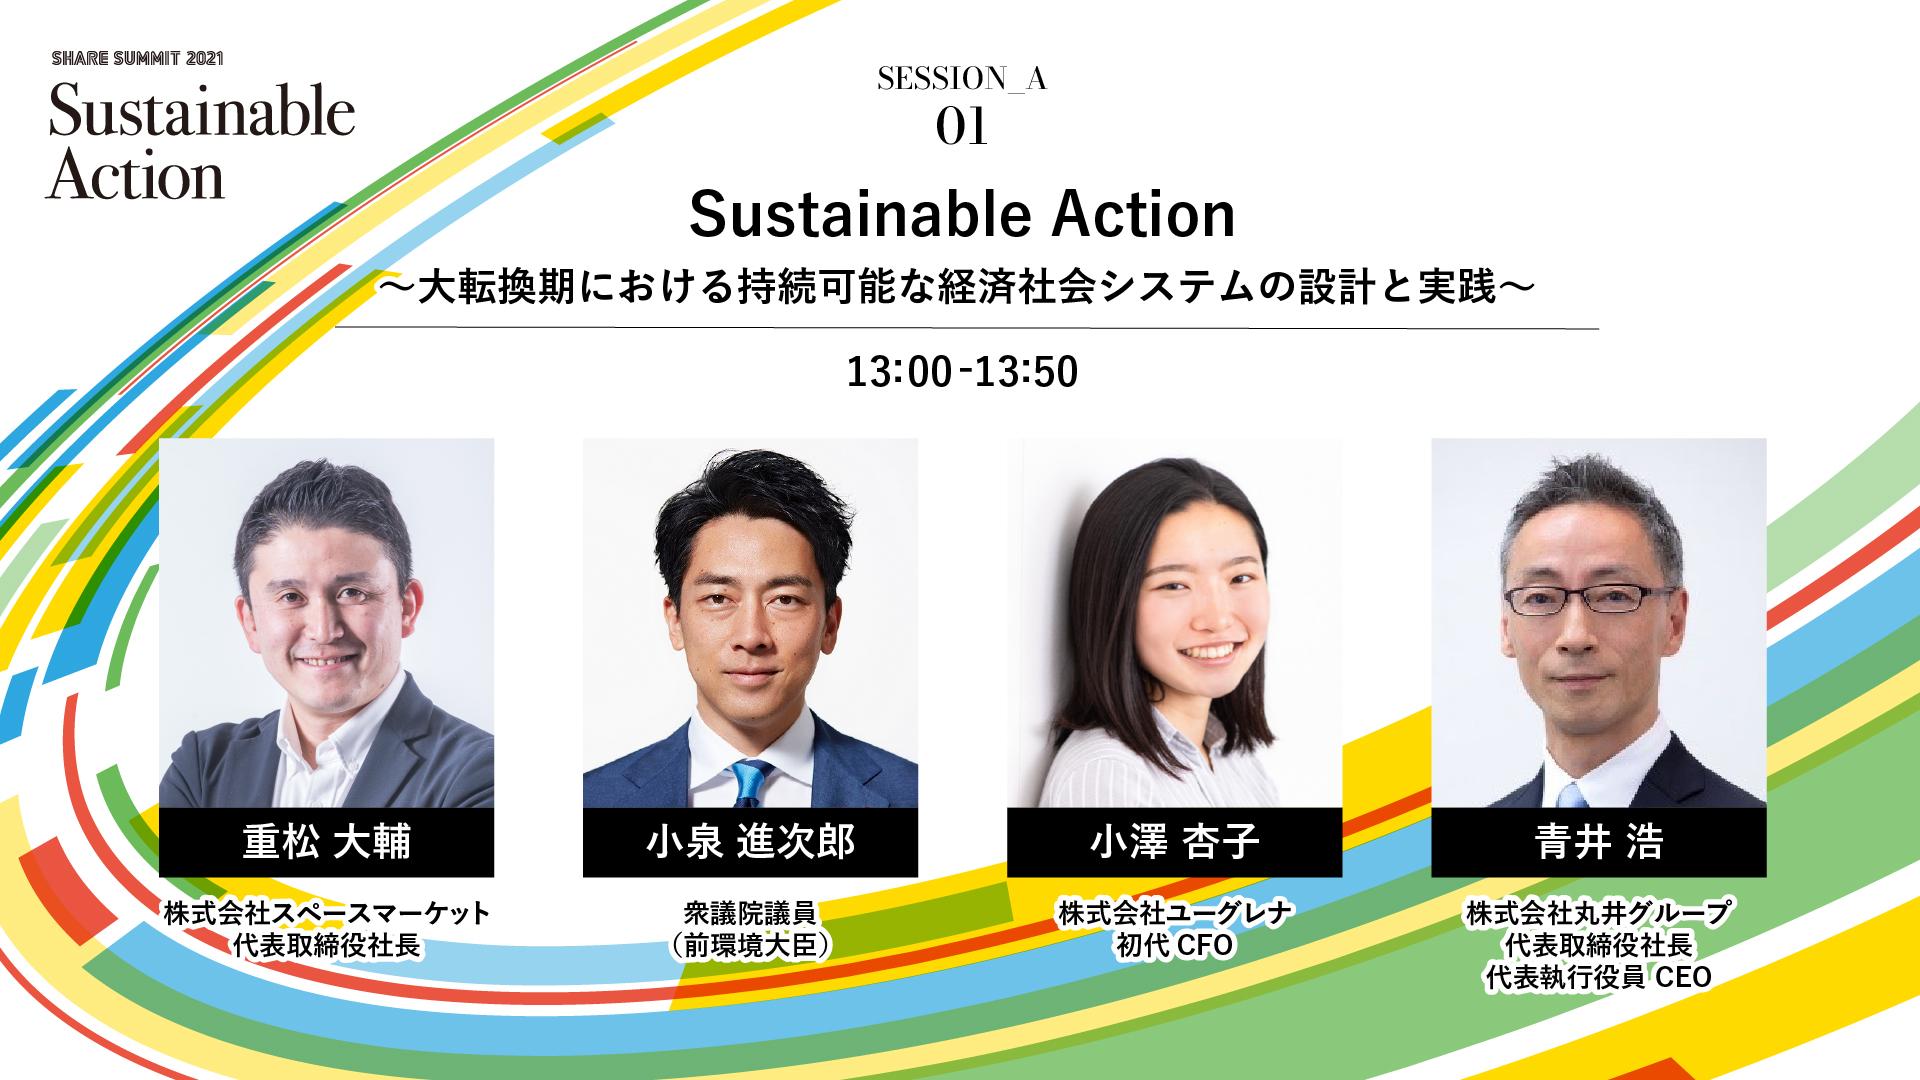 Sustainable Action 〜大変革時代の持続可能な経済社会システムの設計とその実践〜 #シェアサミット2021